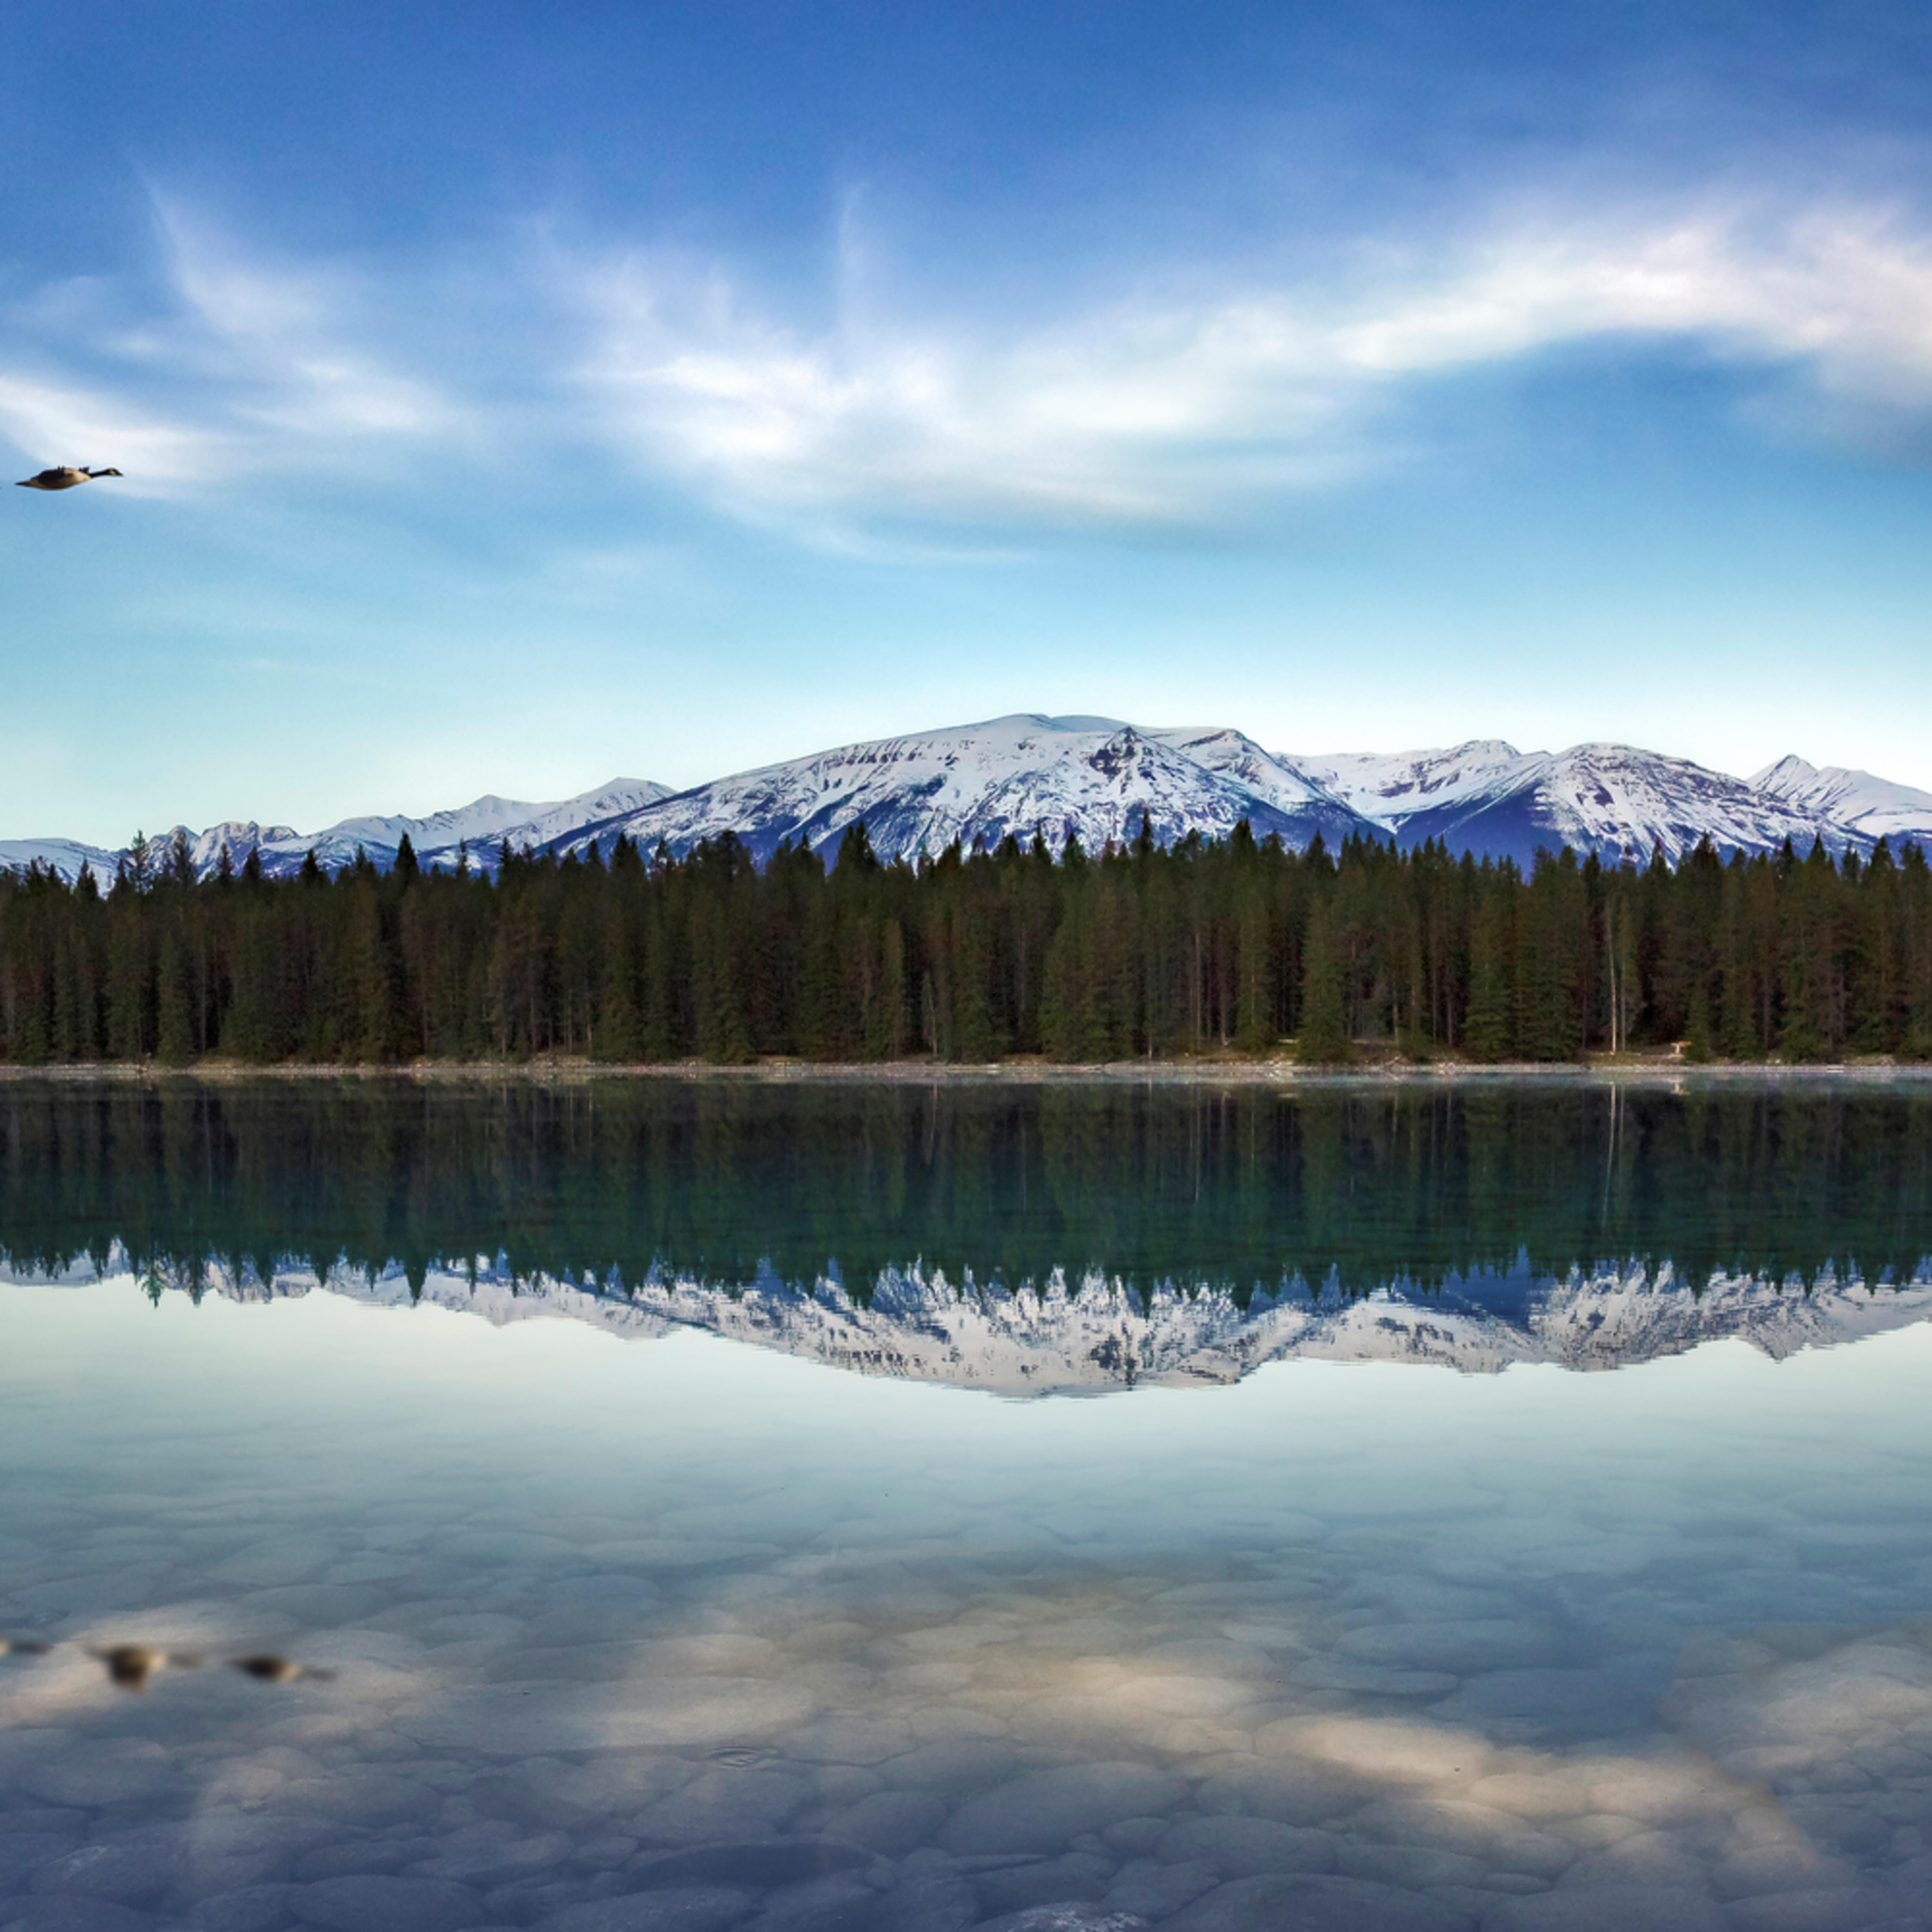 Lake annette n60a1034 48x24 cmqru6